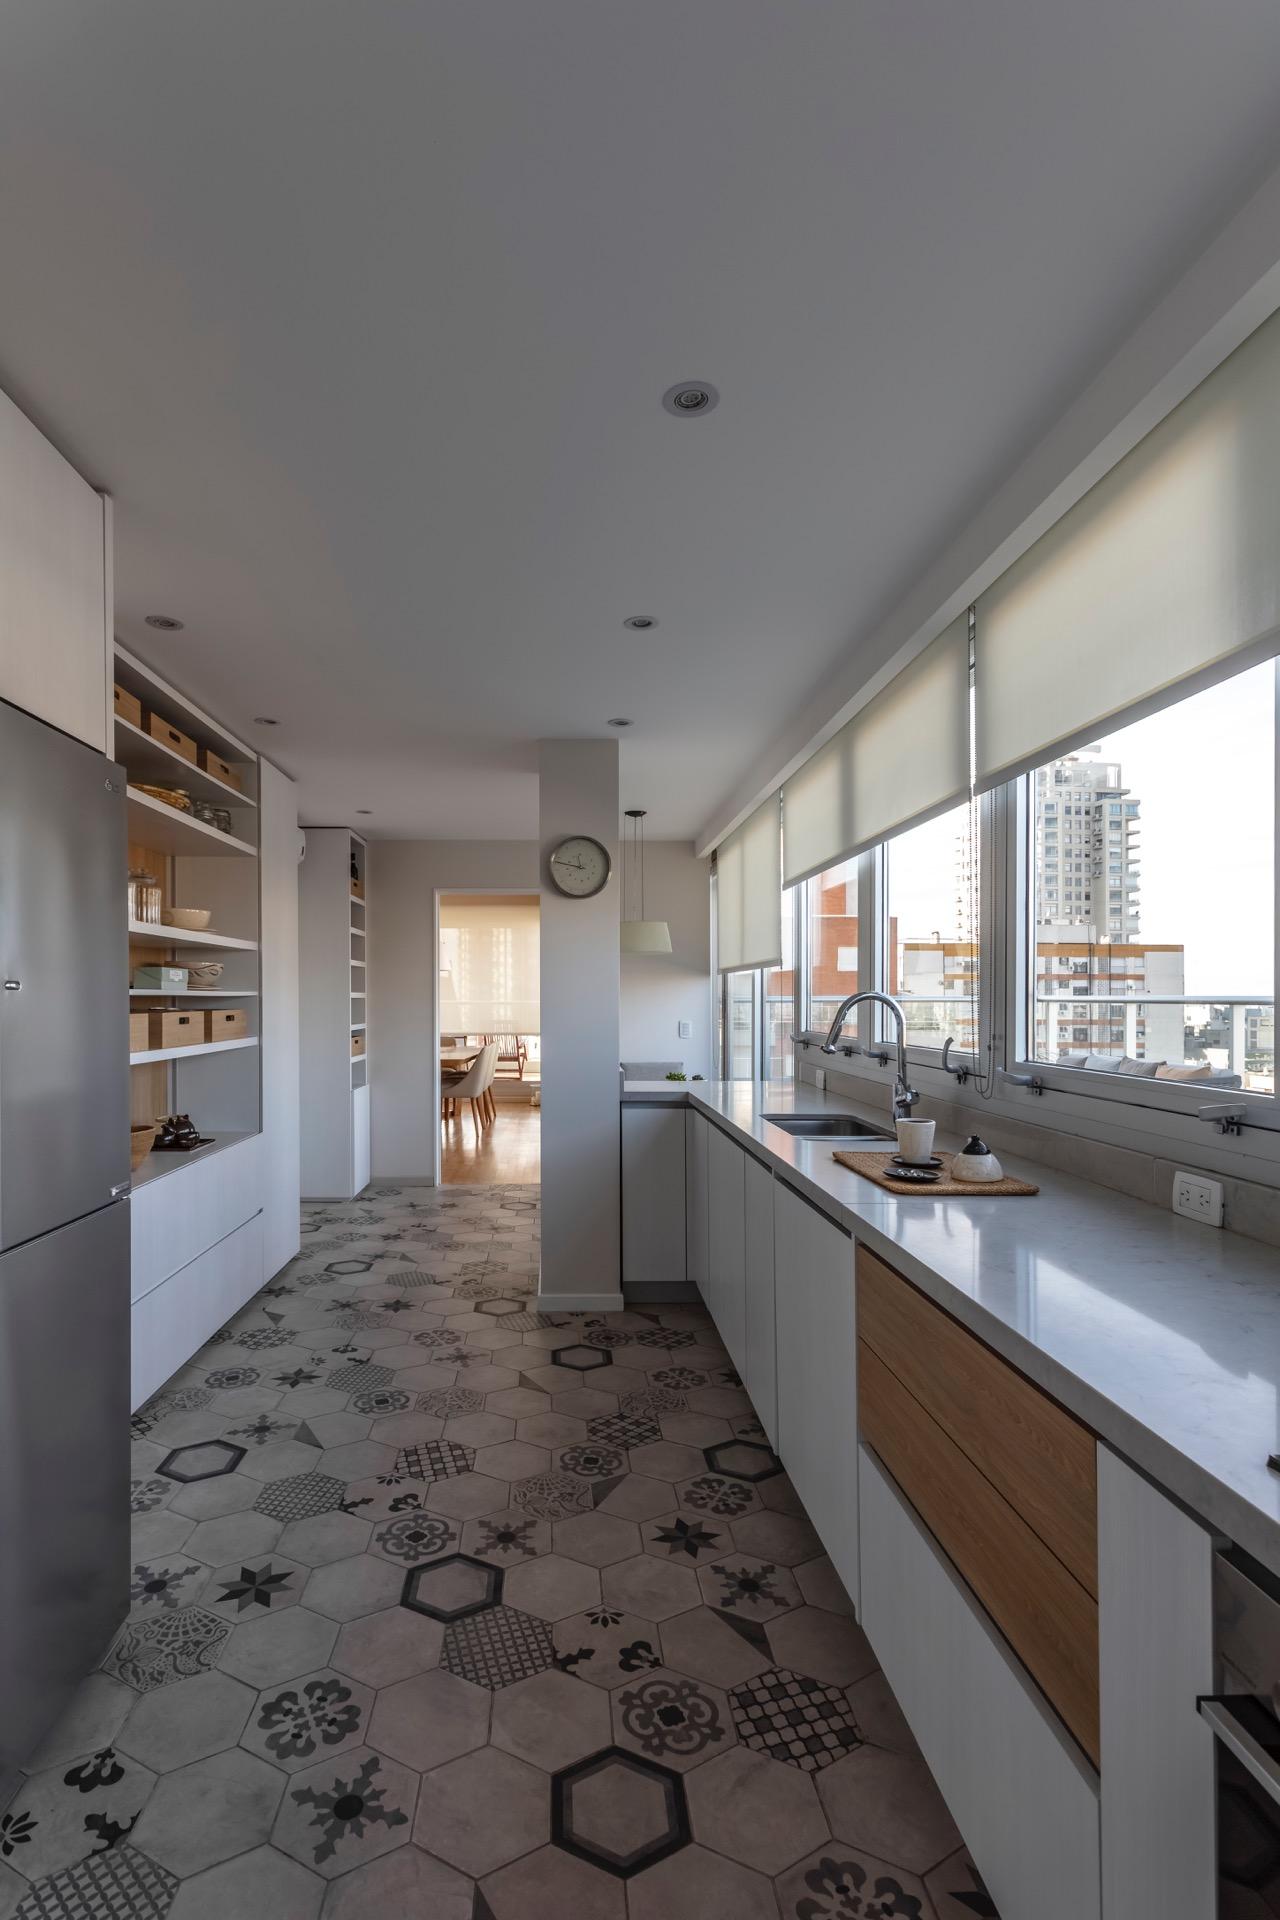 En la cocina el estudio diseñó un mueble multifunción con un gran espacio de guardado, cava y espacio para electrodomésticos.